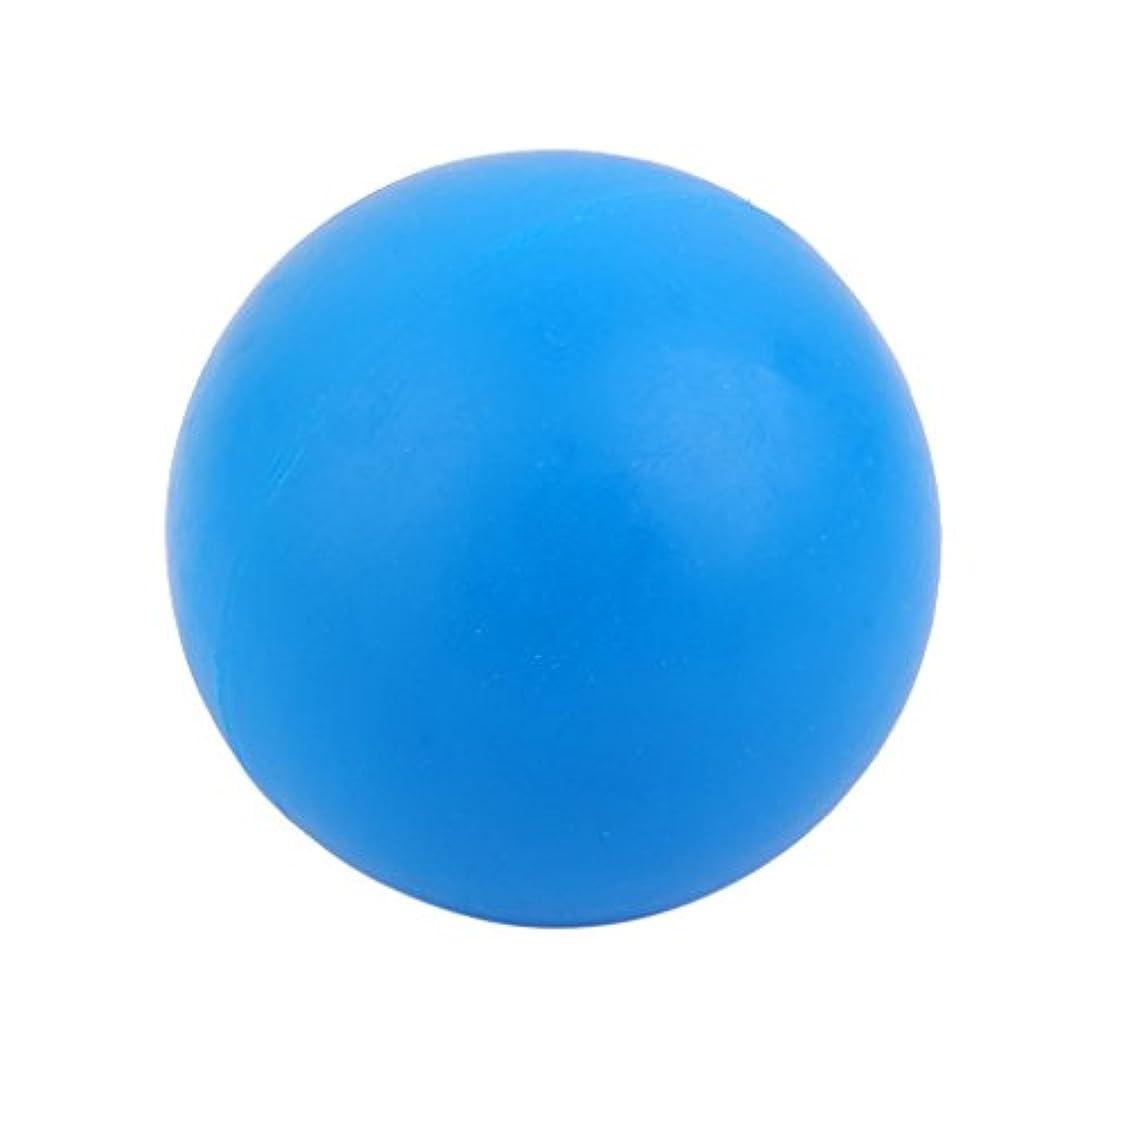 トランザクションブームケーブルカーCUTICATE マッサージボール 反応ボール トレーニングボール